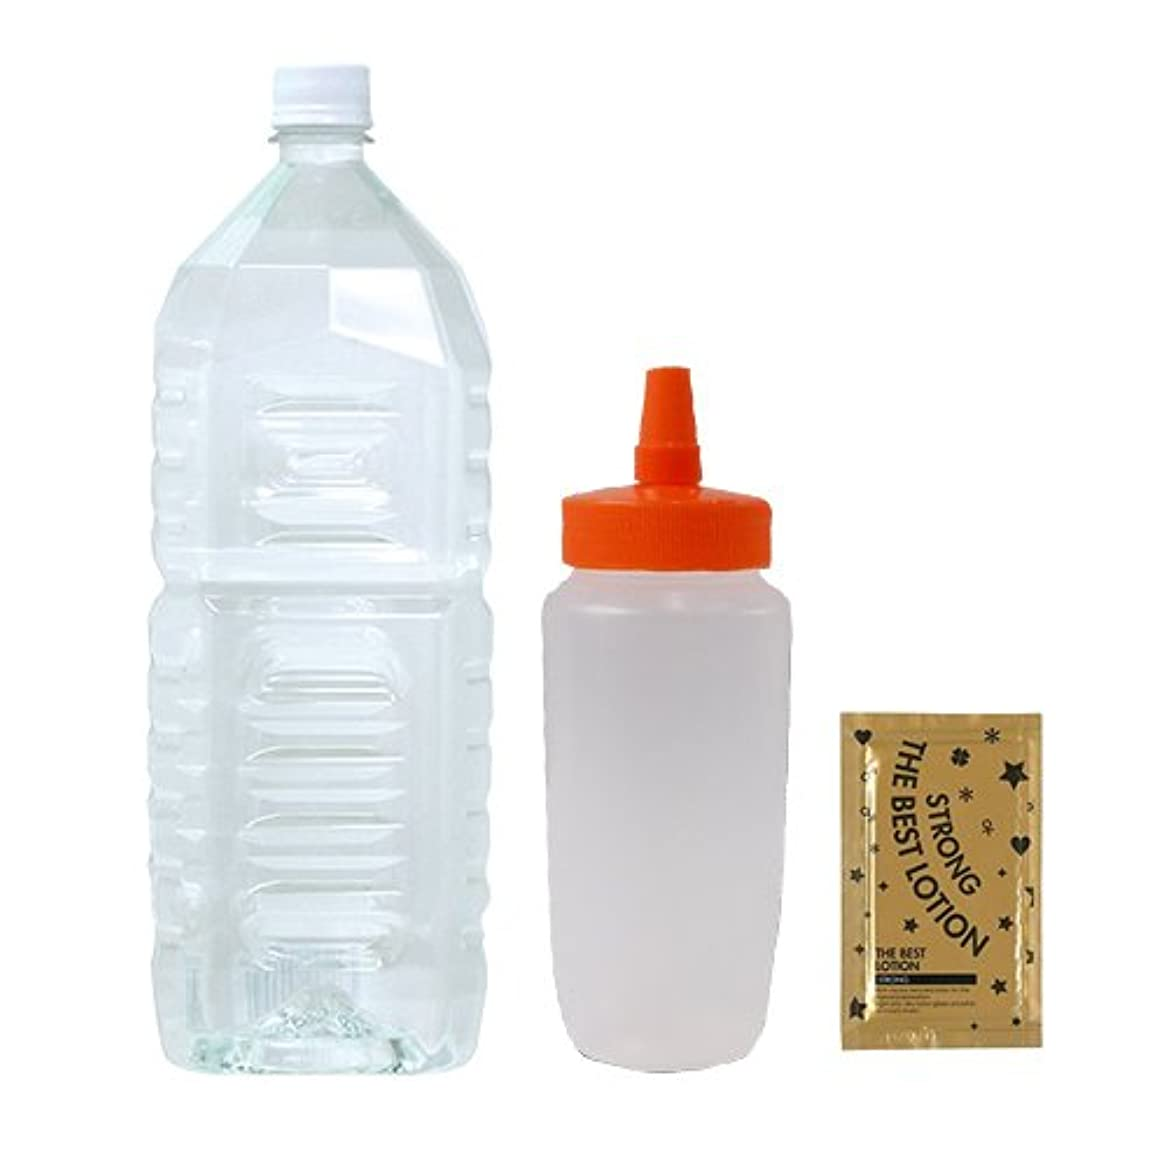 クリアローション 2Lペットボトル ハードタイプ(5倍濃縮原液)+ はちみつ容器740ml(オレンジキャップ)+ ベストローションストロング 1包付き セット